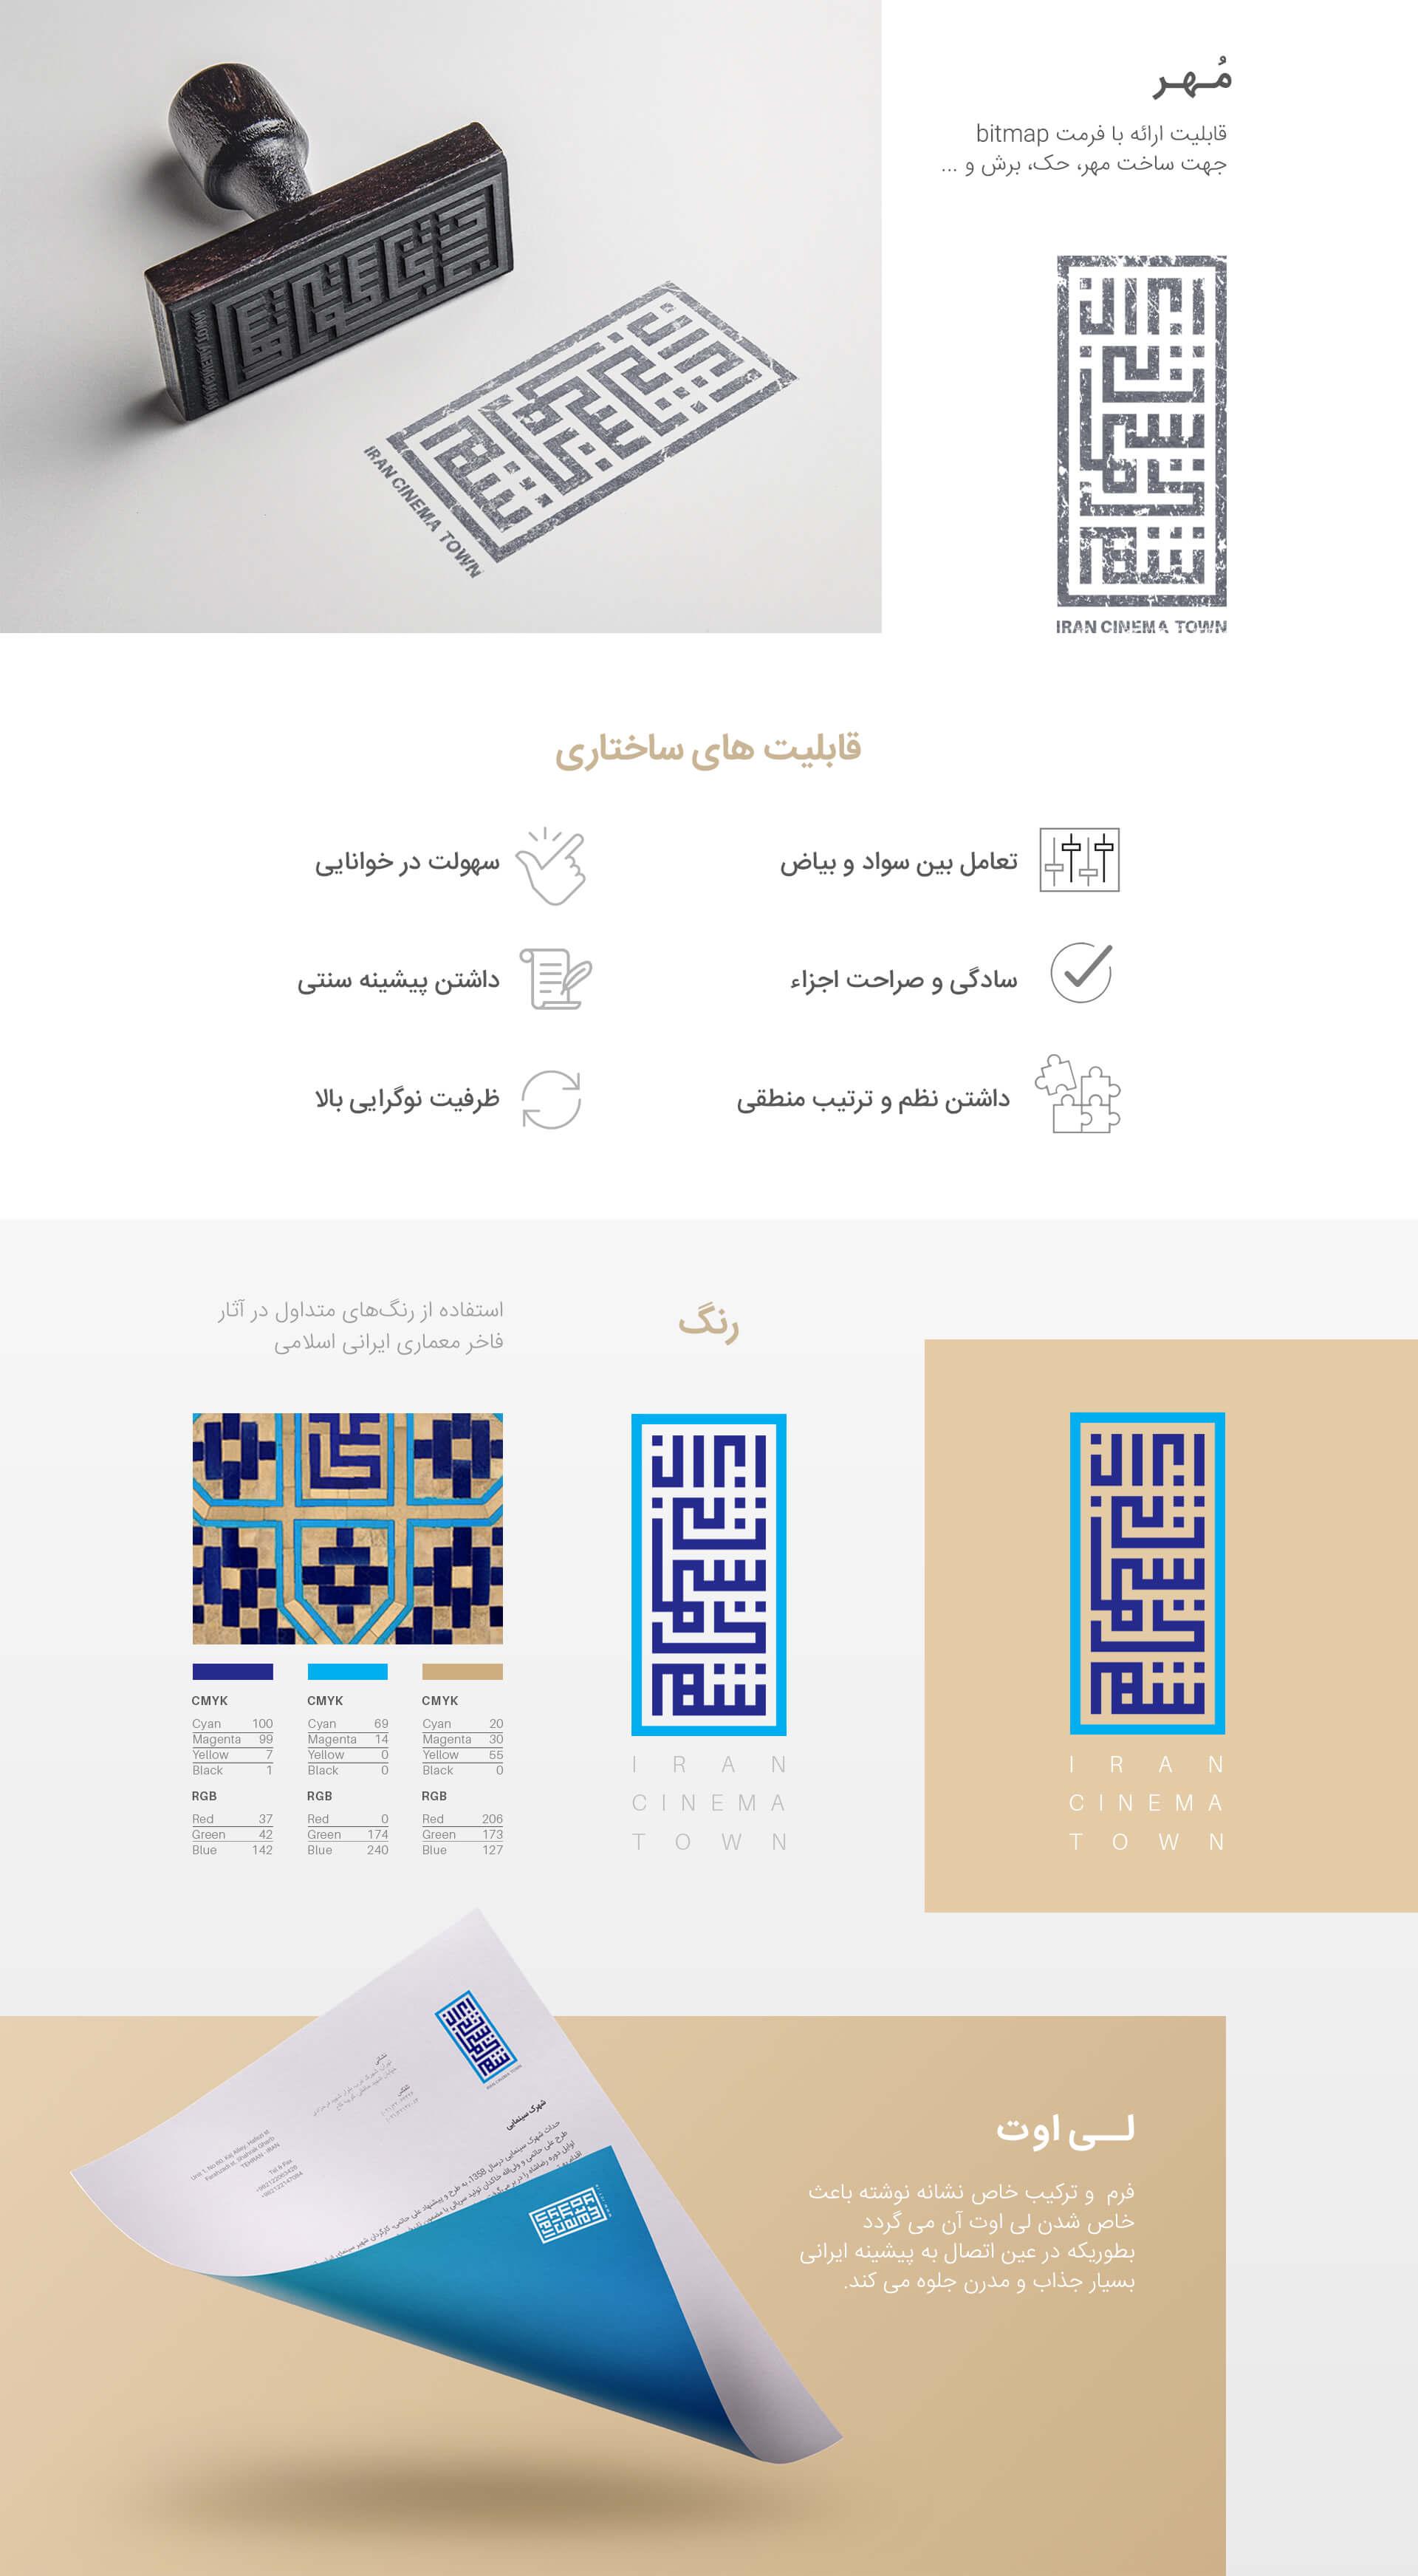 هویت بصری شهرک سینمایی ایران 3، هویت بصری، طراحی لوگو، طراحی لوگوتایپ، طراحی ست اداری، طراحی اوراق اداری، شرکت تبلیغاتی الف، طراحی هویت بصری